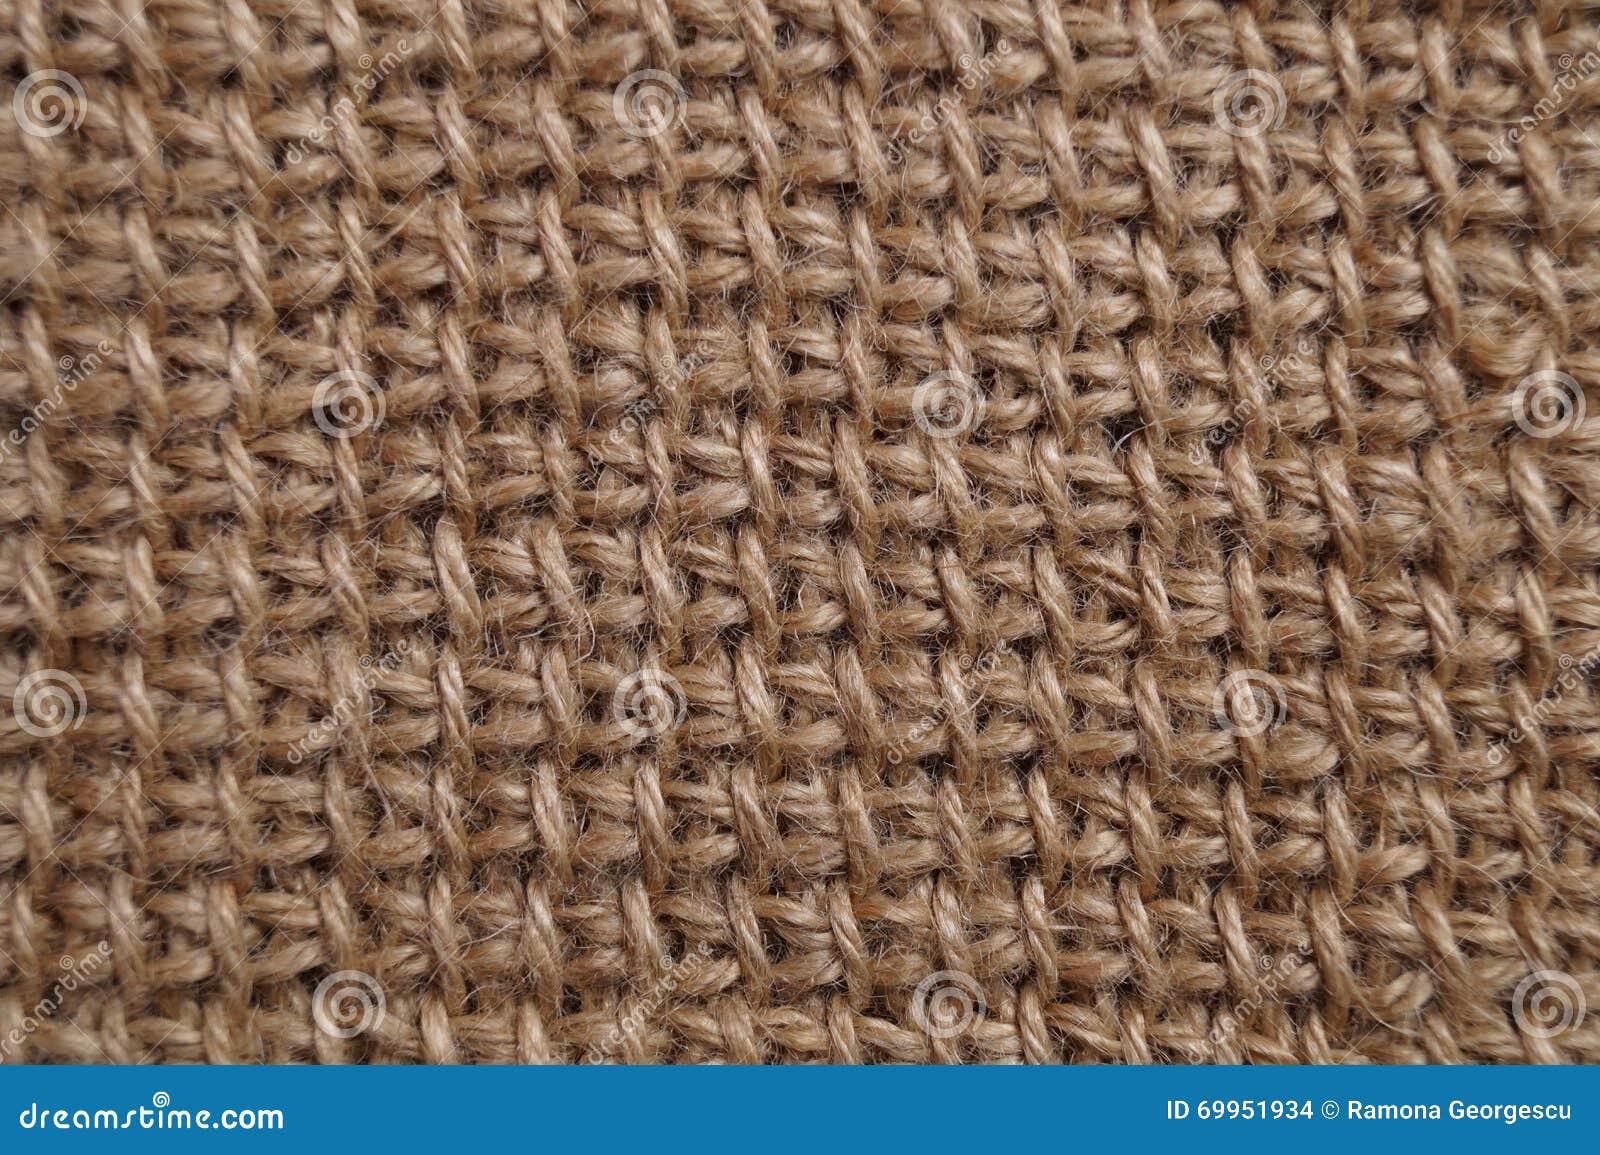 papier peint texture de jute photo stock image 69951934. Black Bedroom Furniture Sets. Home Design Ideas